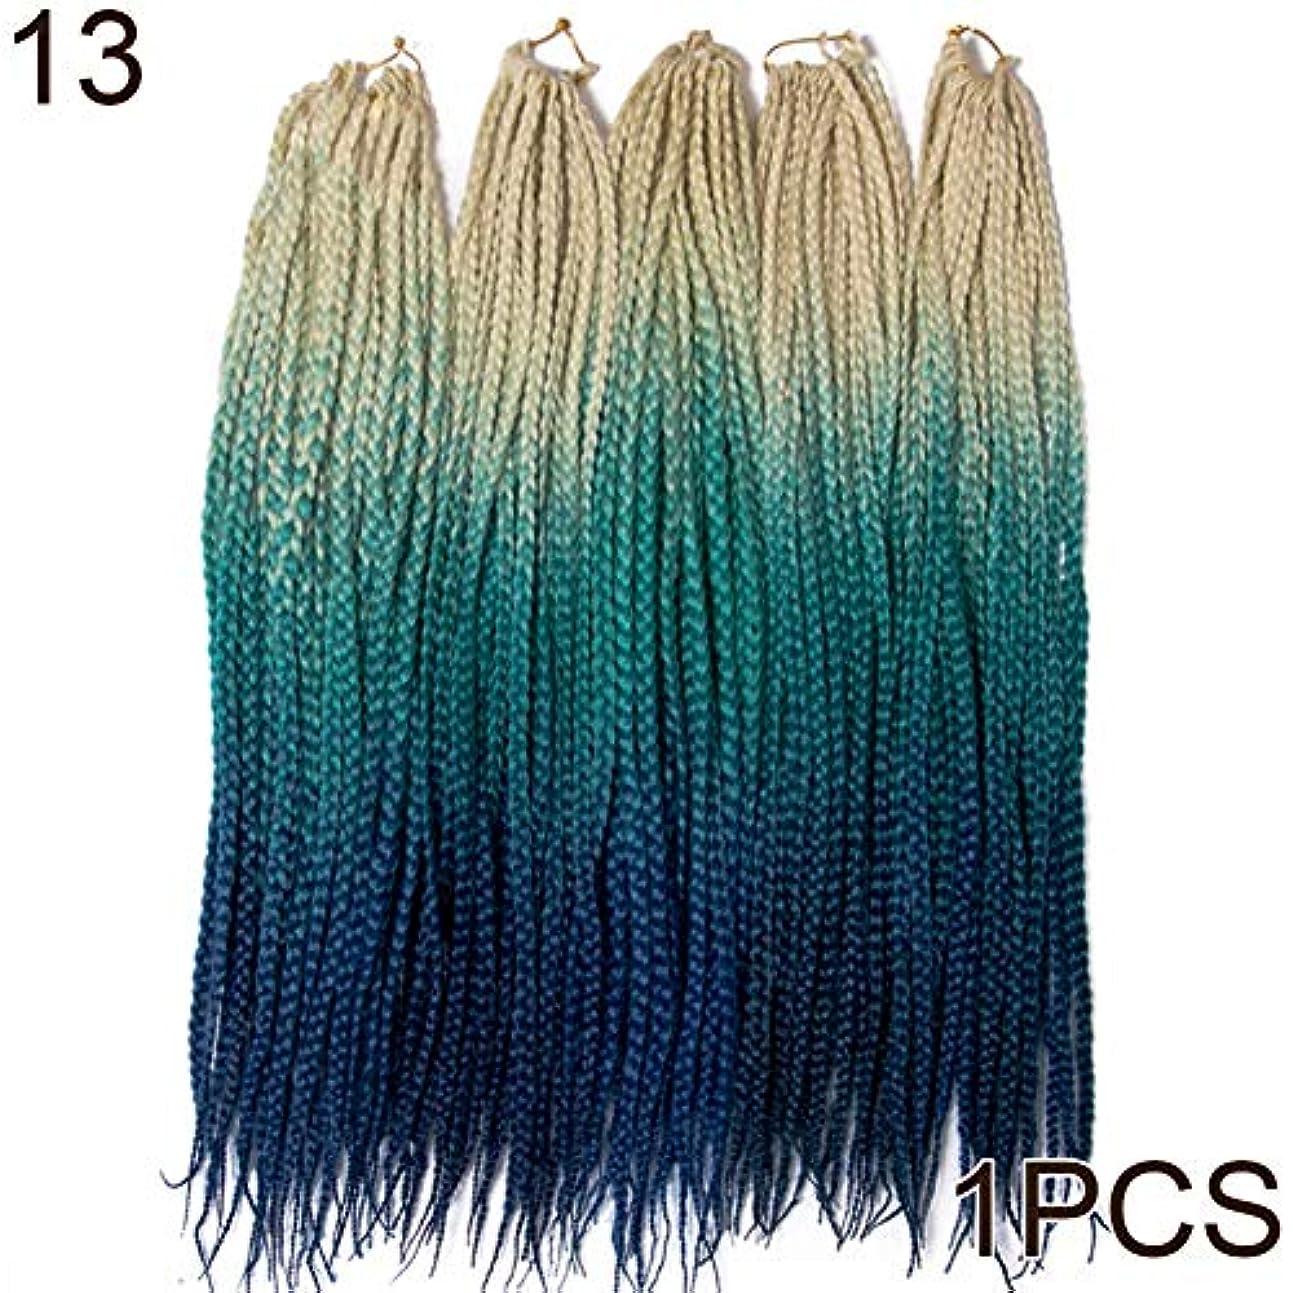 元に戻すファランクス狂人slQinjiansav女性ウィッグ修理ツール60cm長いソフトかぎ針編みツイスト編み合成ヘアエクステンションカラーブロックウィッグ